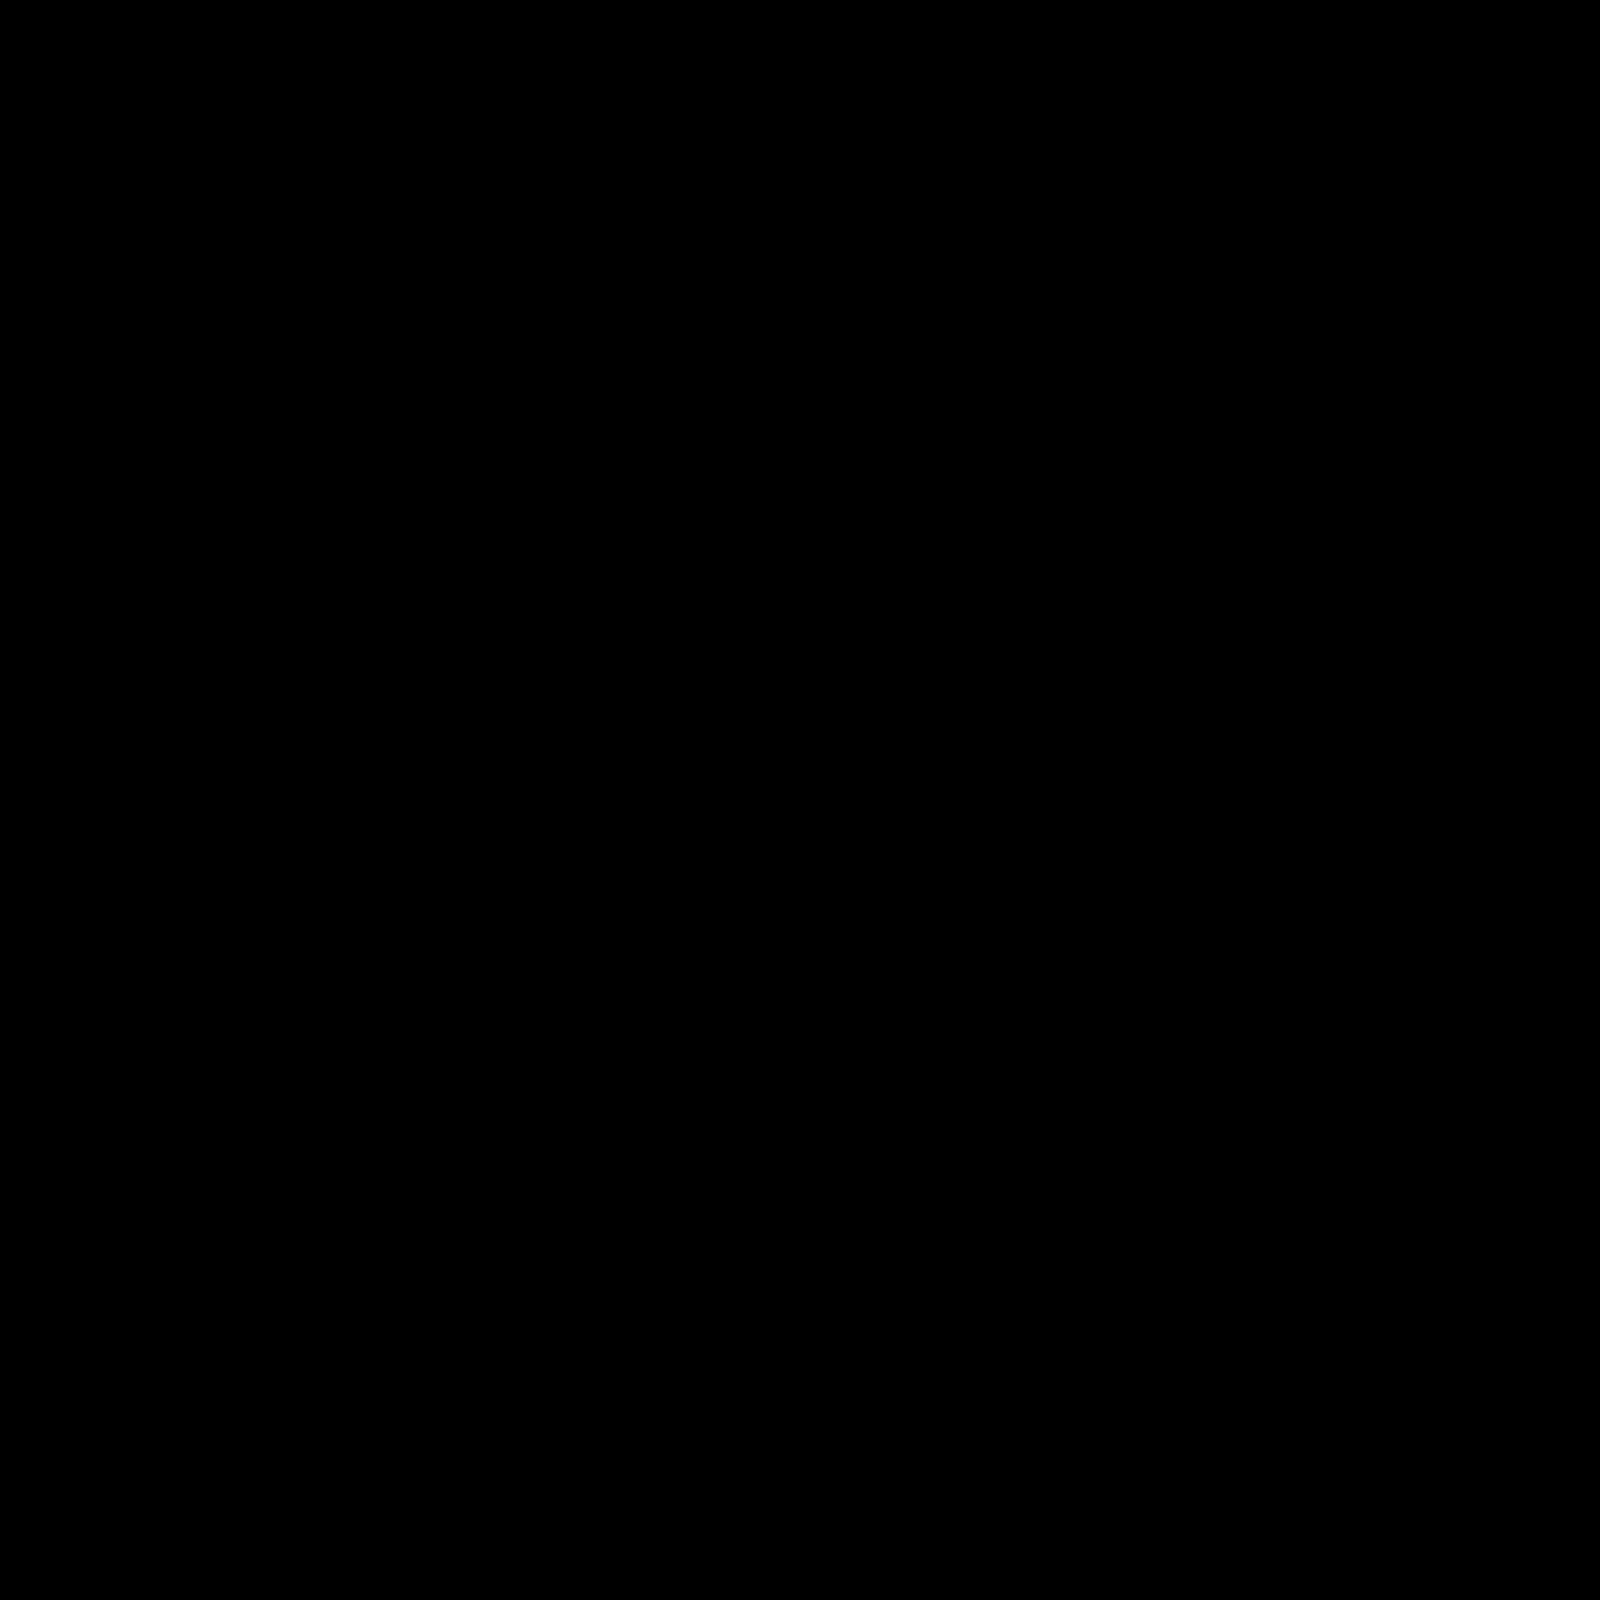 分割 icon. The icon is a picture of the logo for split. The icon has a large letter U shape. Each end of the U shape has an arrow pointing up. In the bottom middle of the U shape, there is a line extending downward.